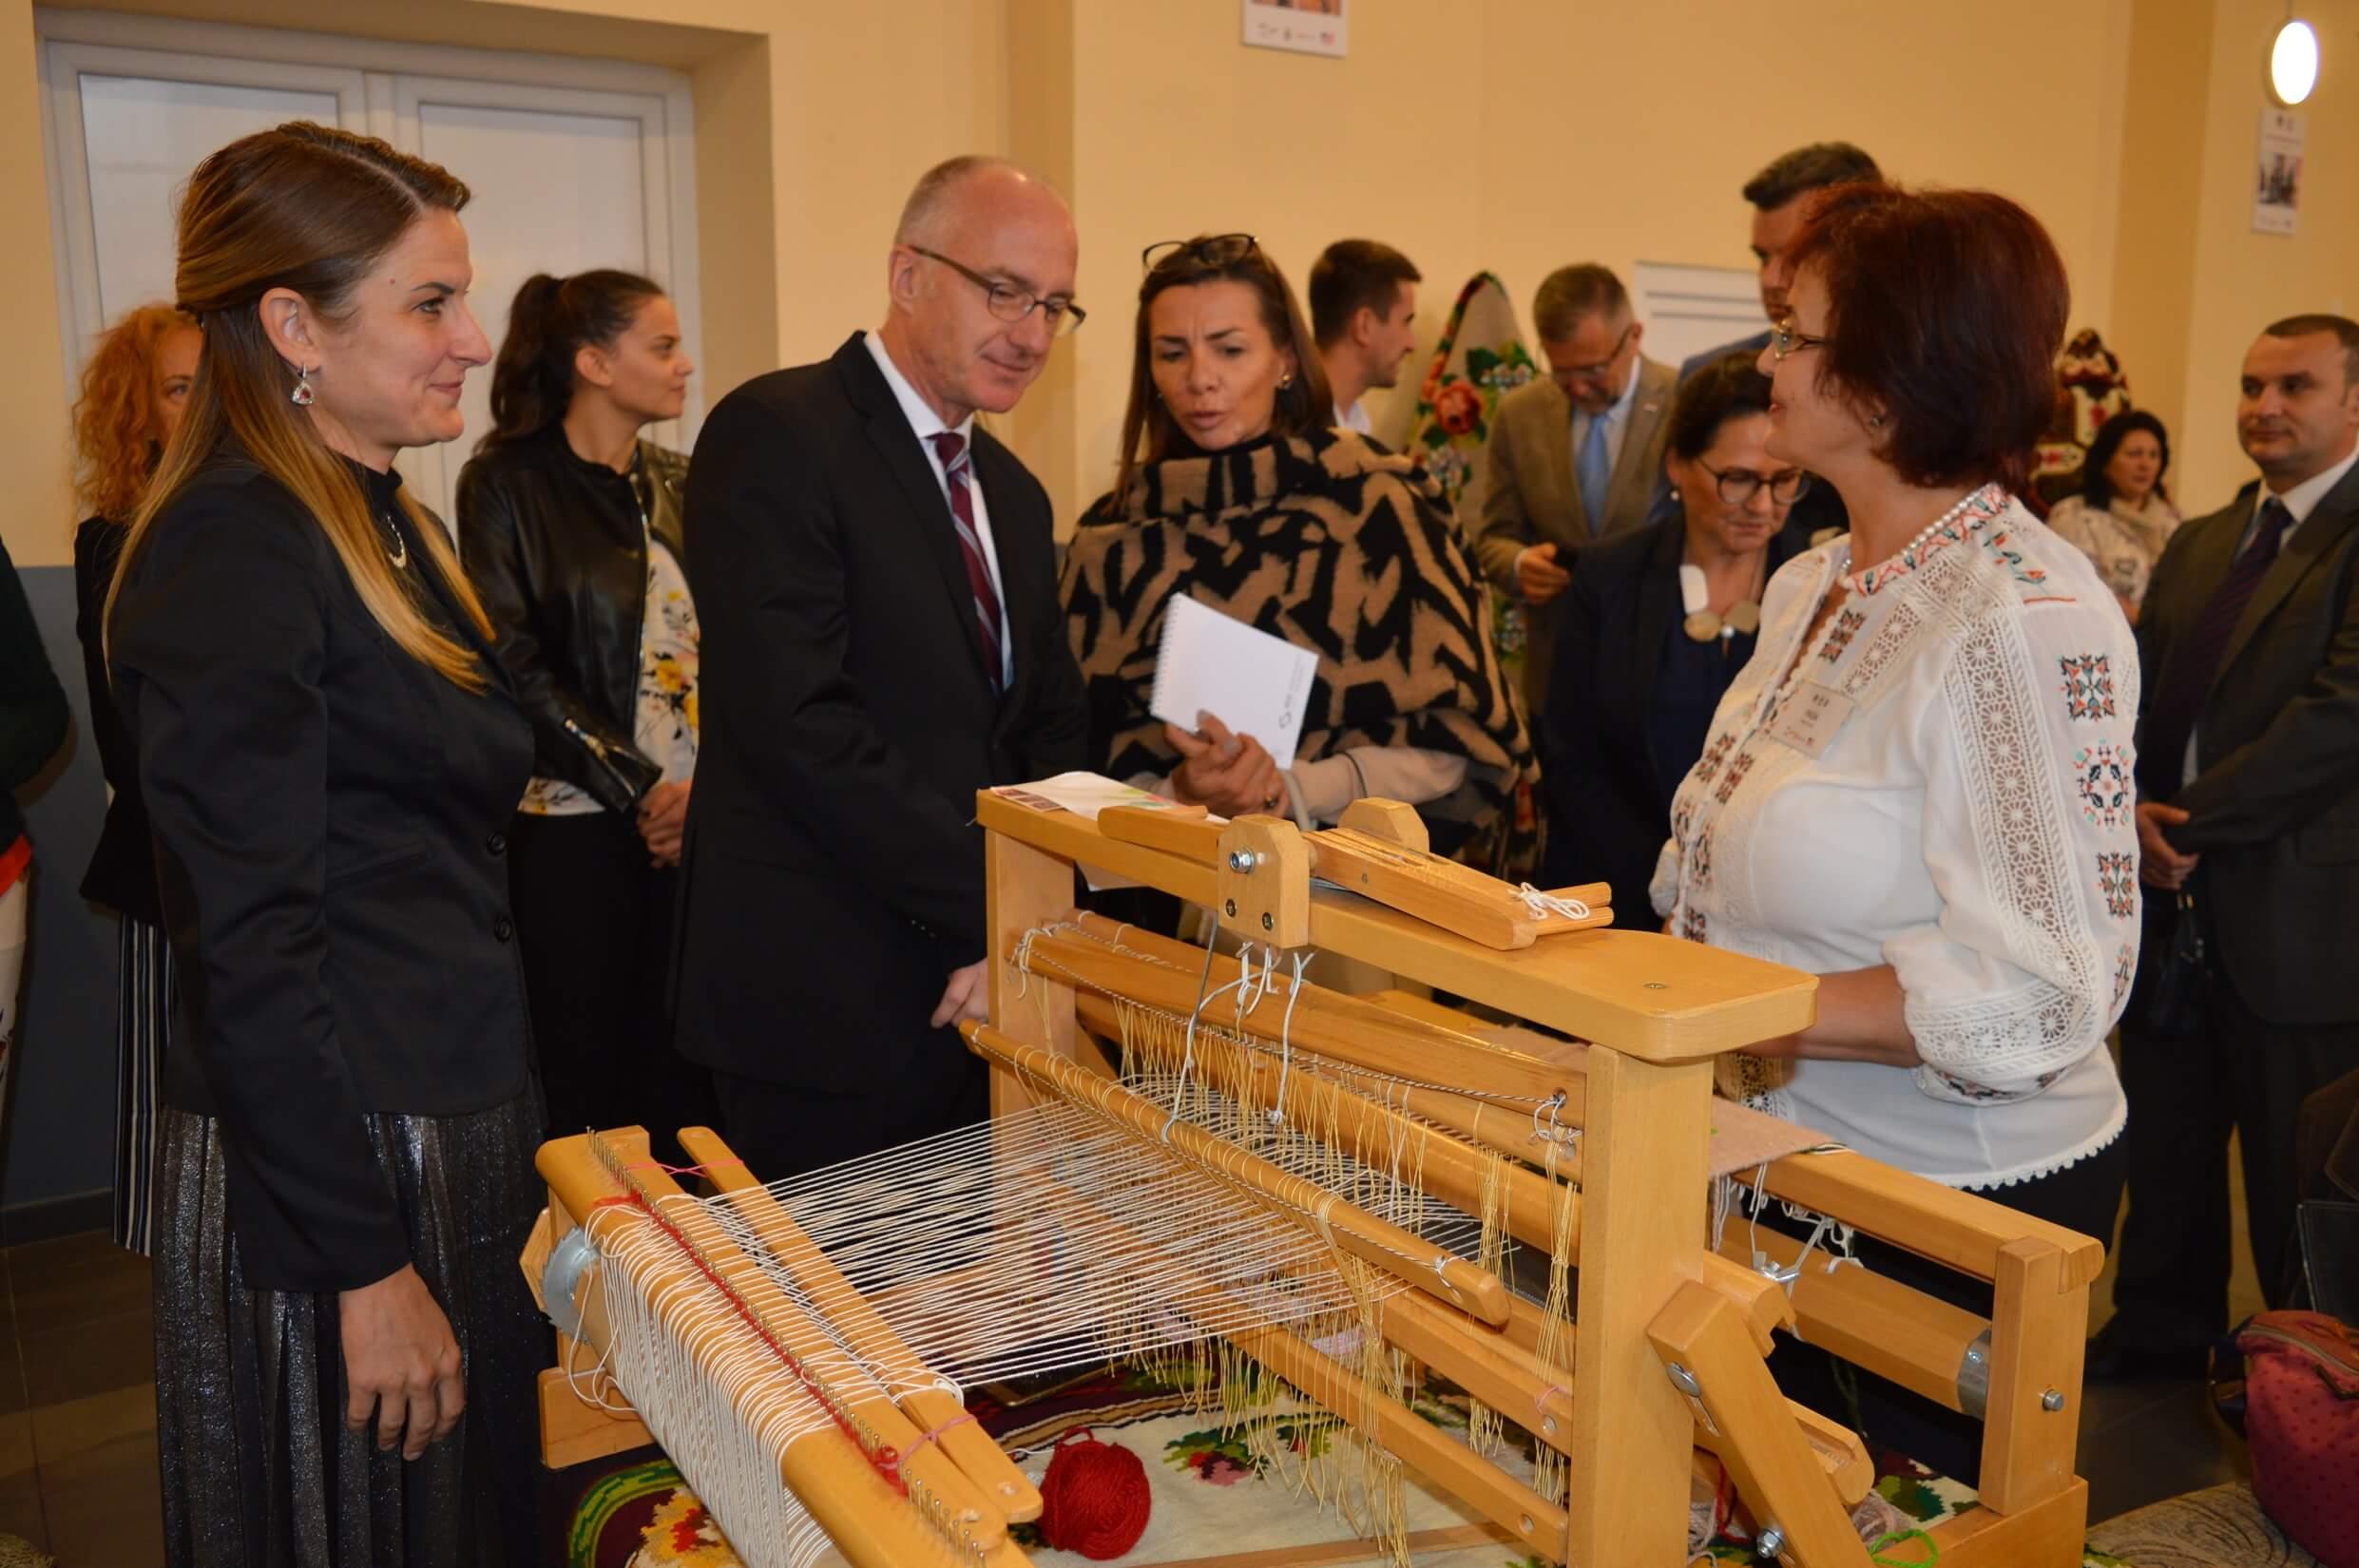 Немачка Амбасада је овогодишњи покровитељ Ткачке колоније у Стапару